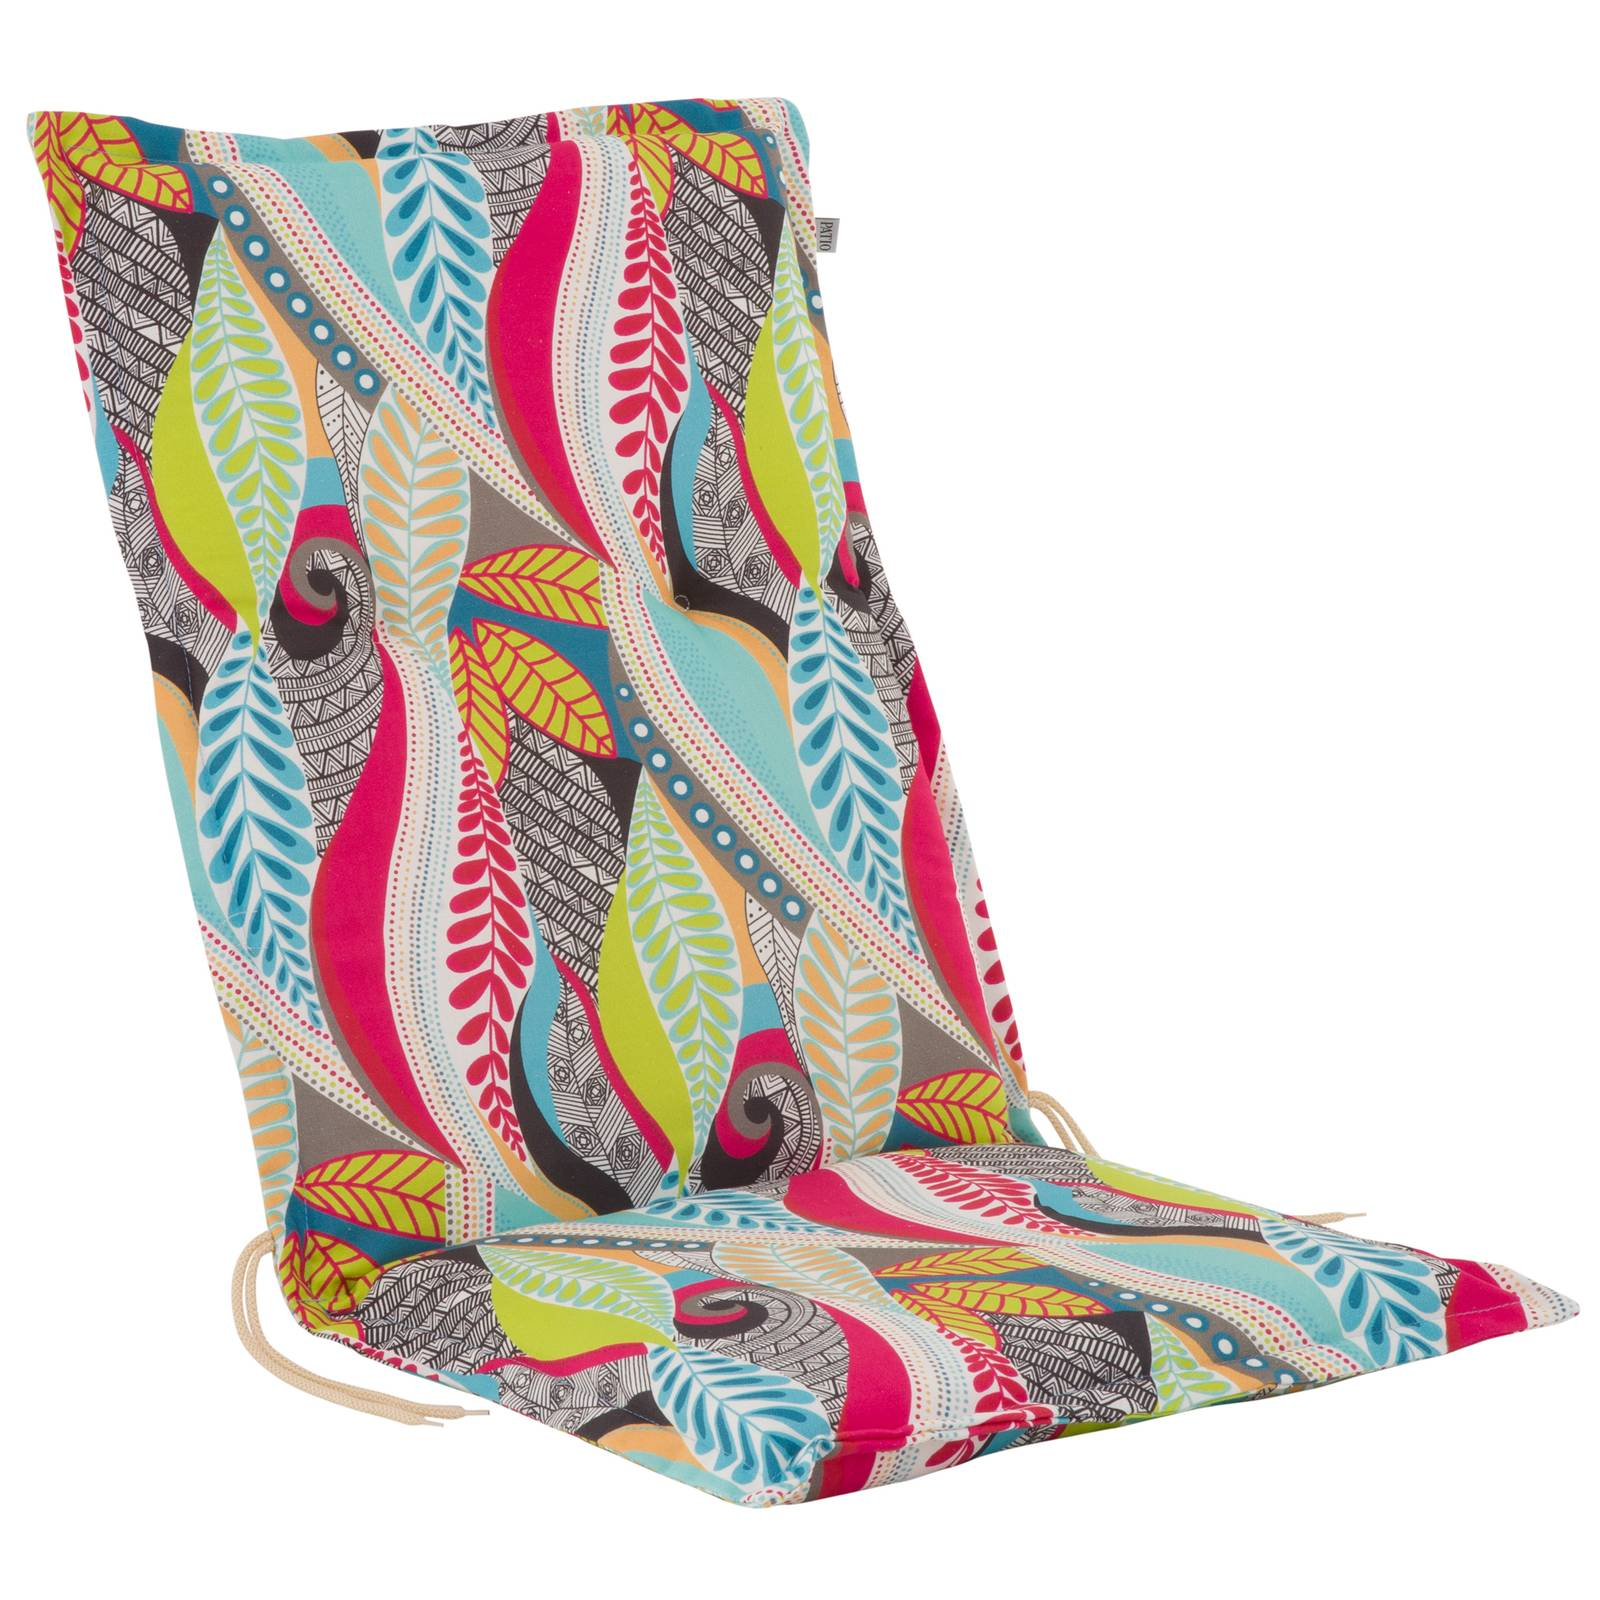 Poduszka na krzesło Malezja Niedrig 5 cm G039-11HB PATIO